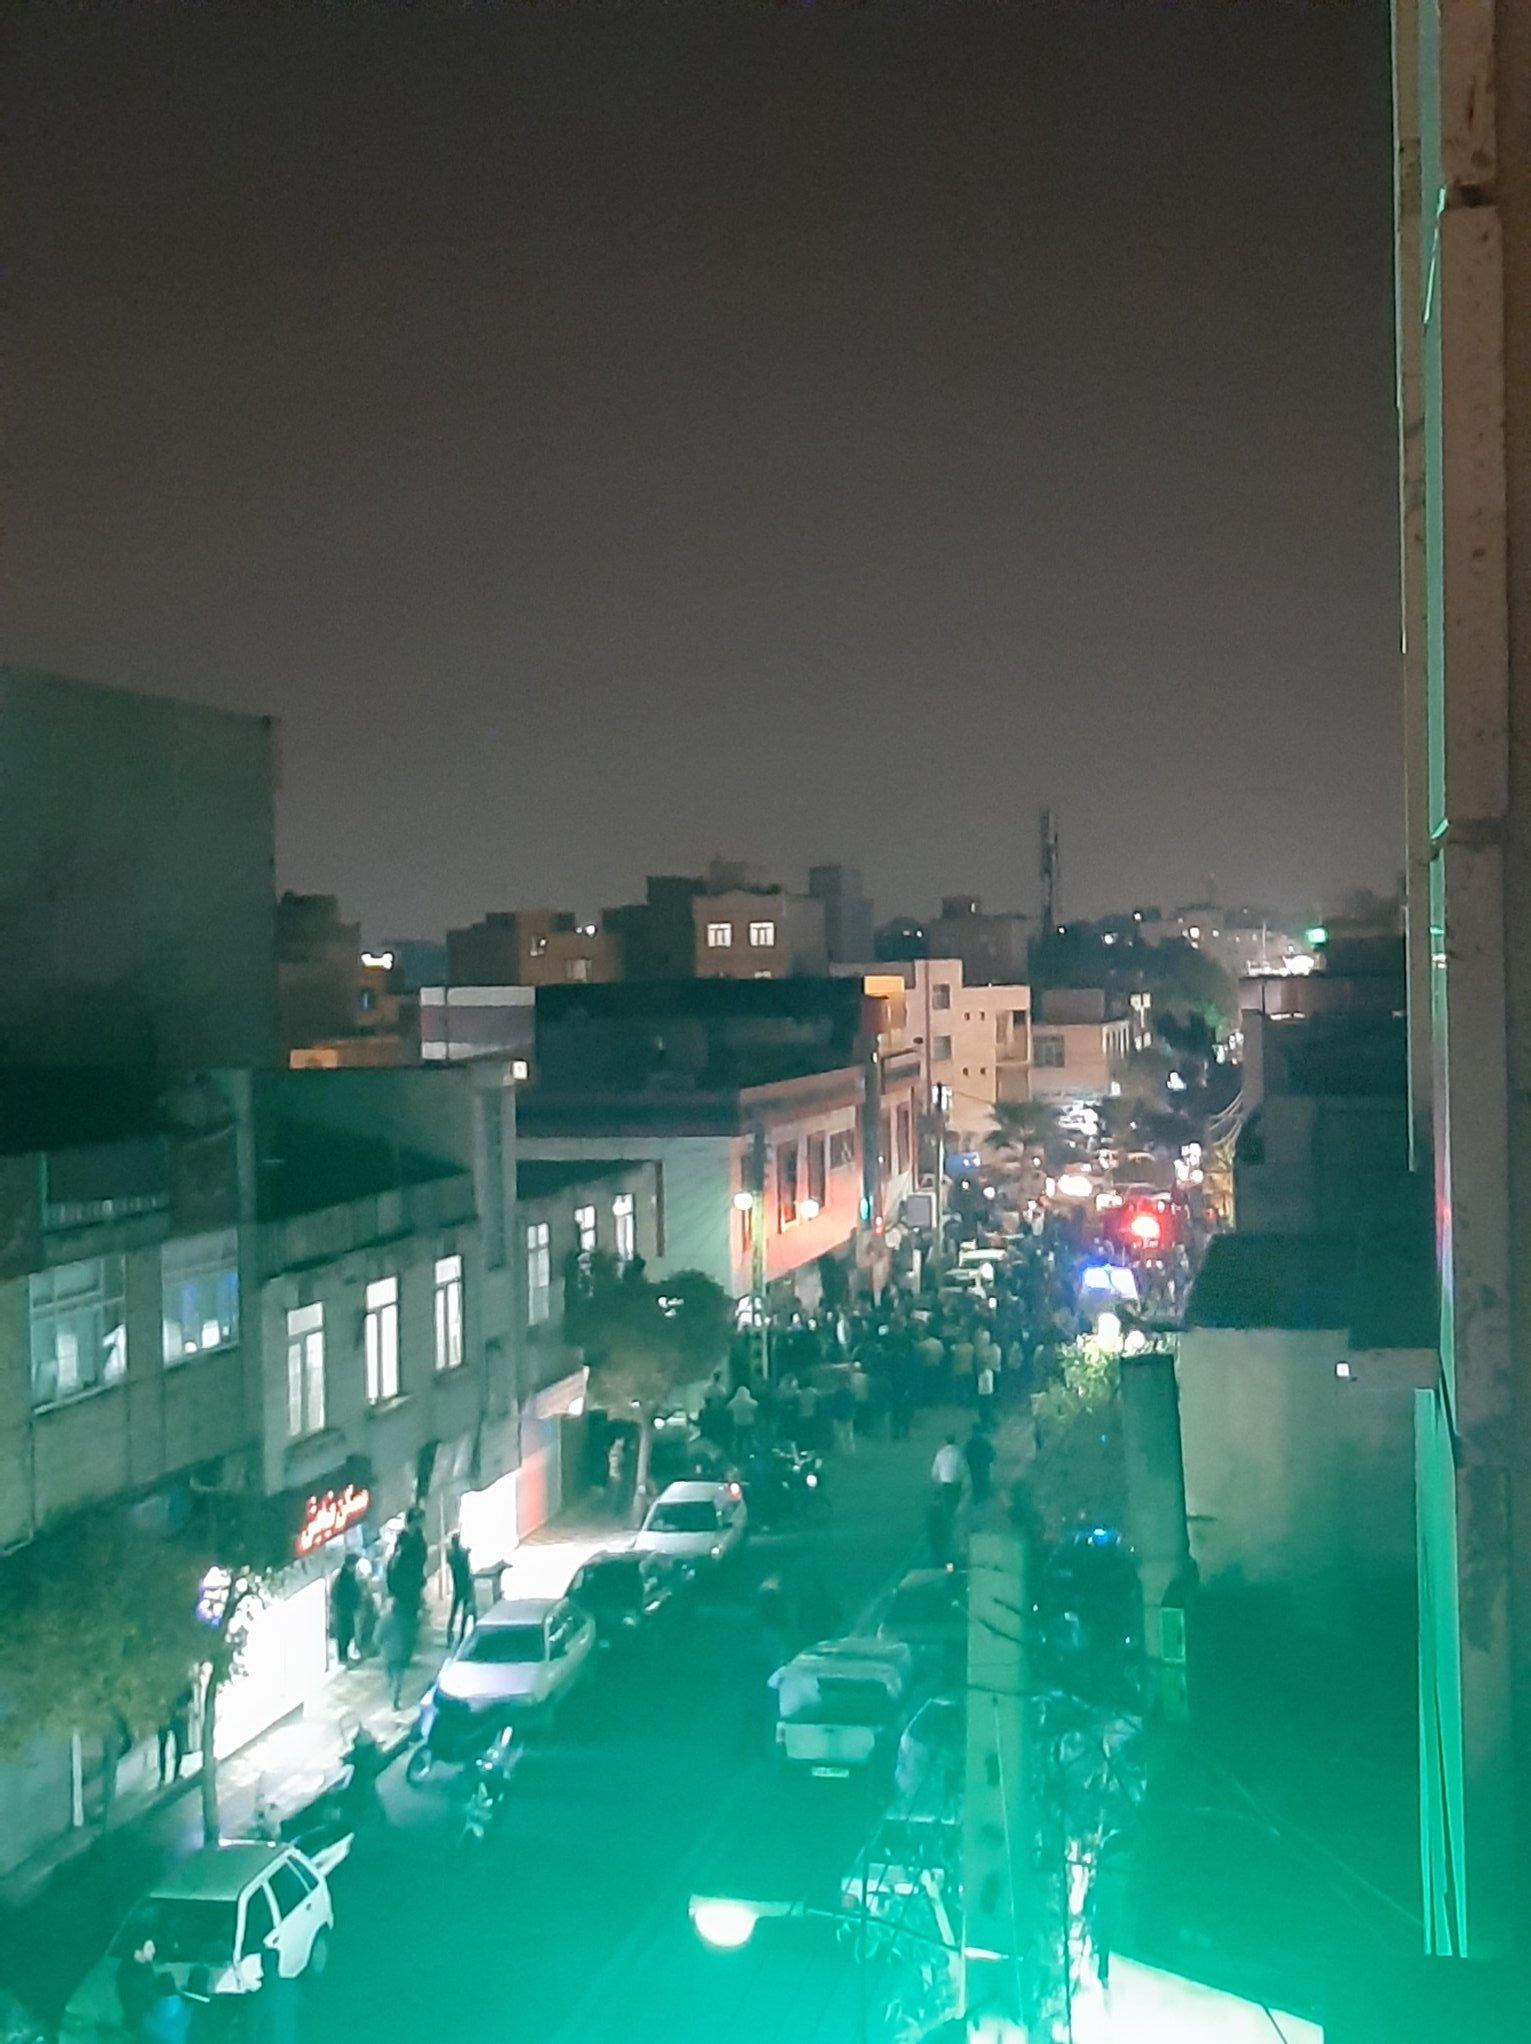 چند شرور قهوهخانهای در تهران را به رگبار بستند+عکس/ تیراندازی در افسریه با یک کشته و دو زخمی/ حادثه تروریستی نبود و پلیس بهدنبال اشرار است